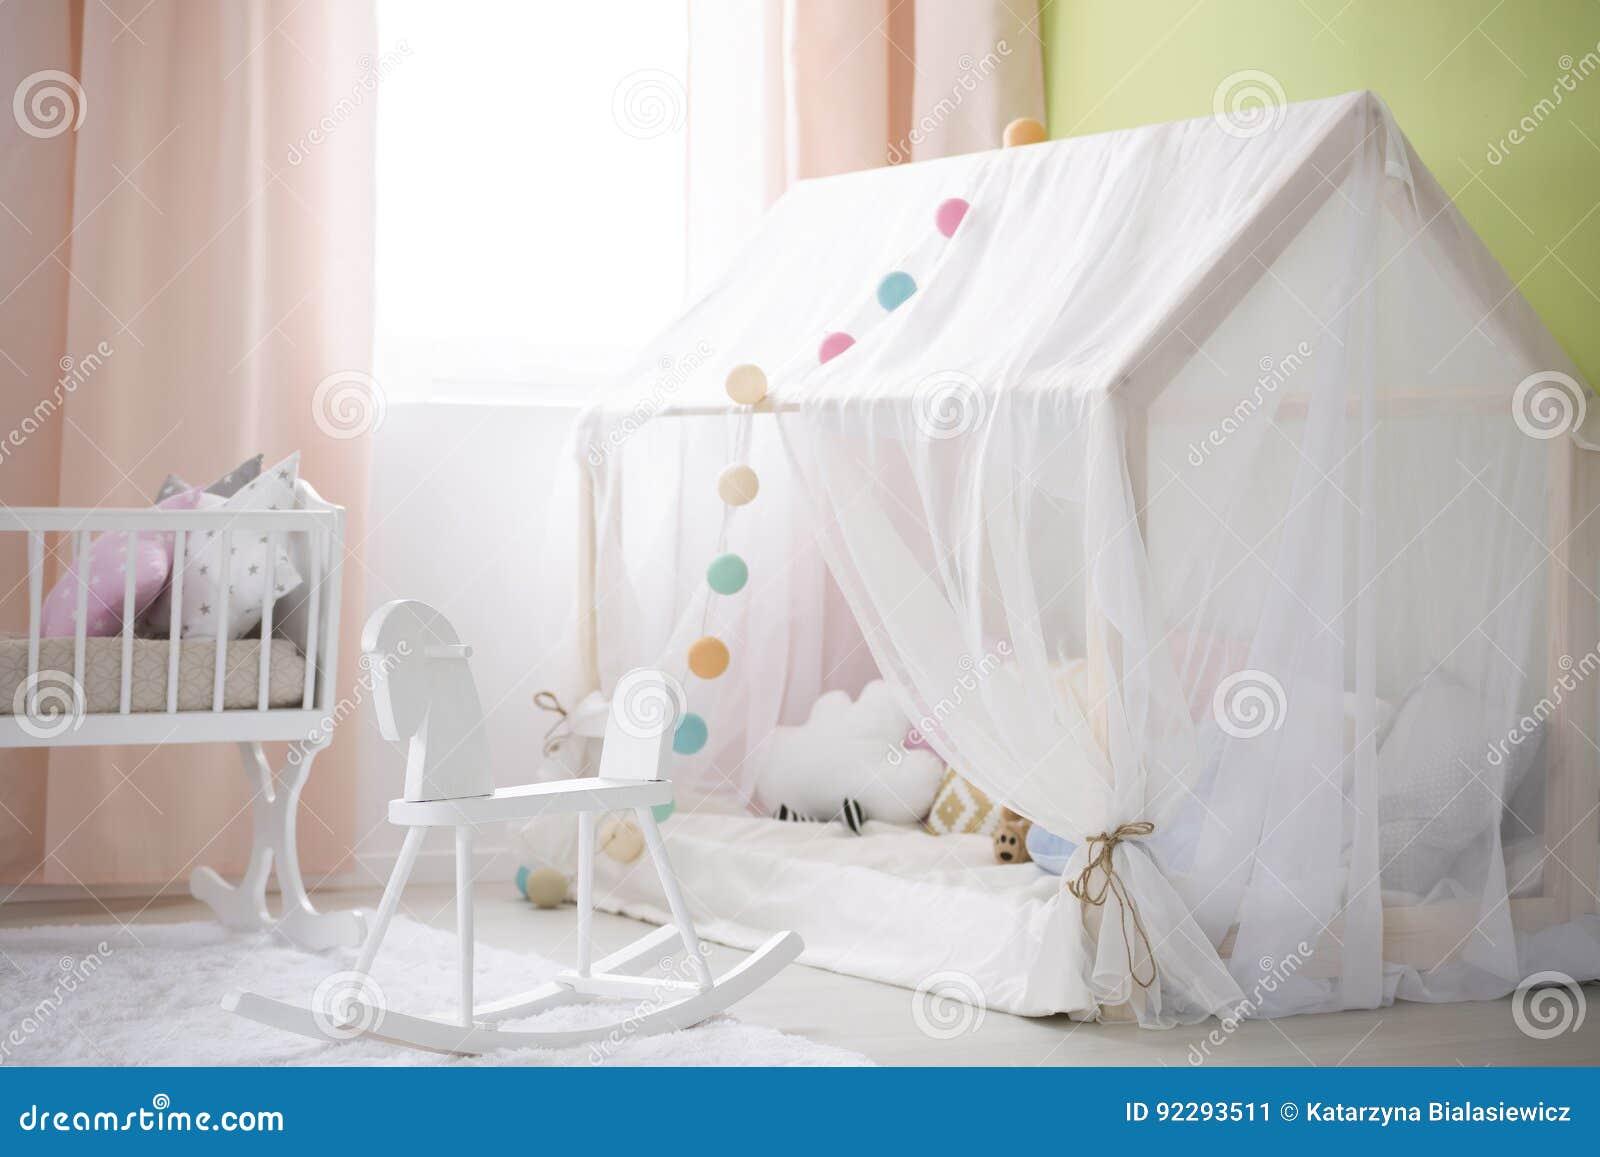 Platz für Baby